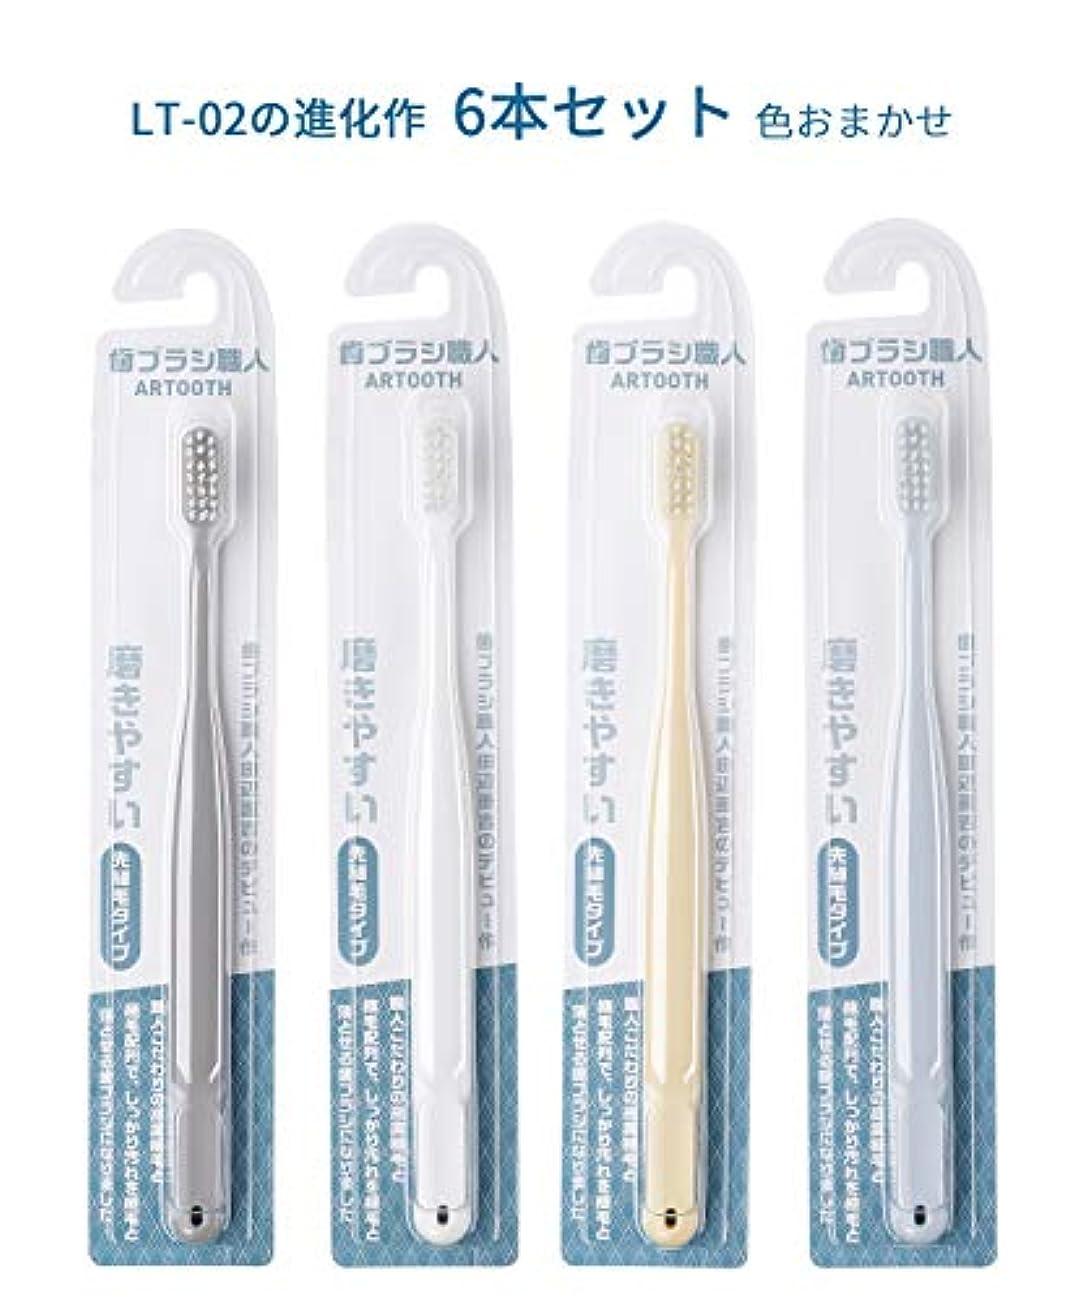 改修微弱暴力歯ブラシ職人ARTOOTH 田辺重吉 磨きやすい歯ブラシ 先細 AT-02 (6本パック)